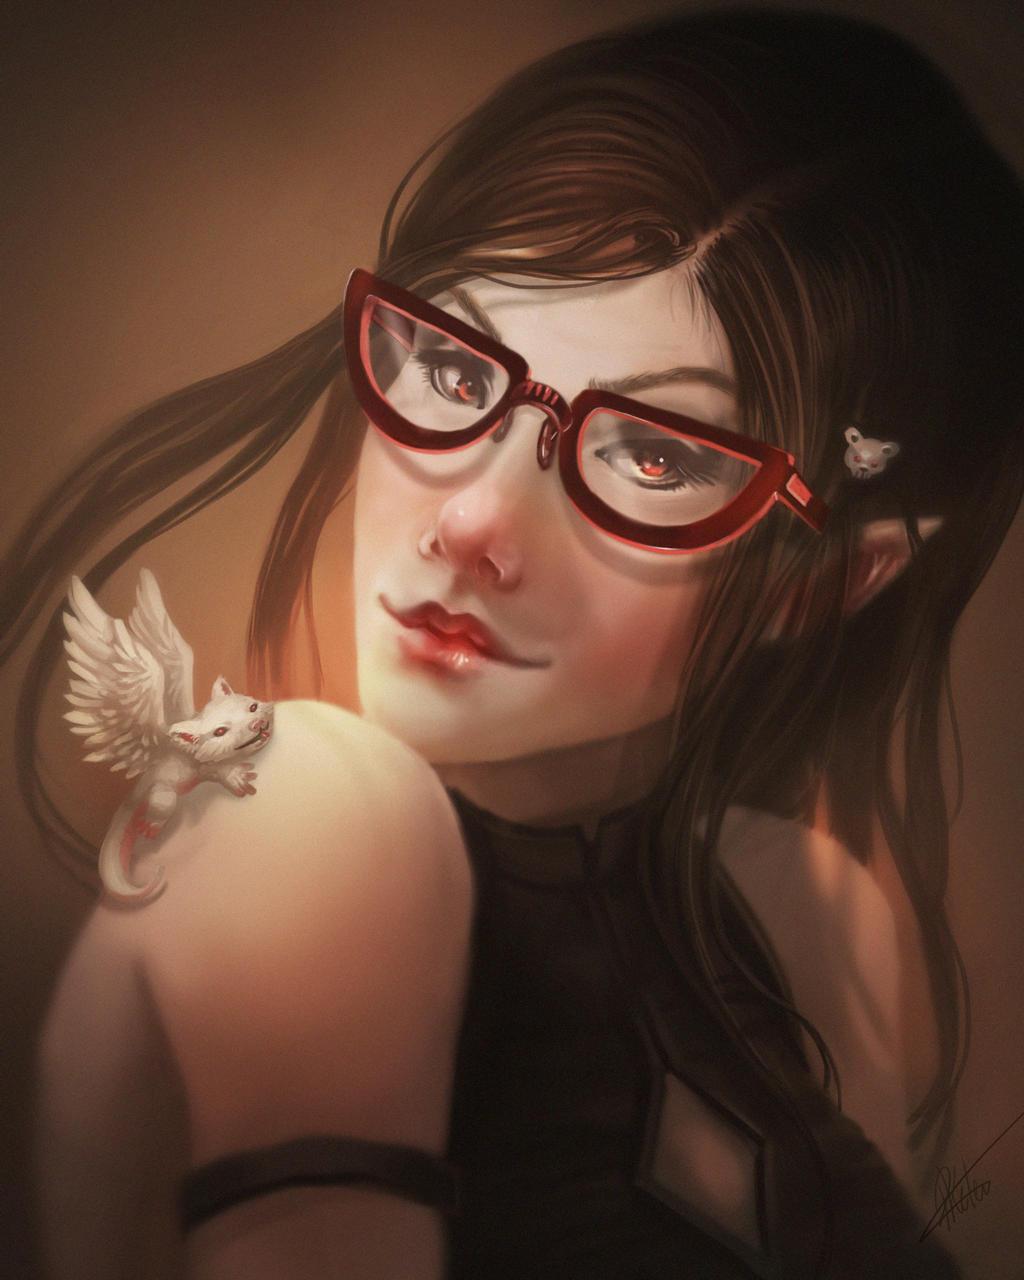 Glasses Girl by ARTdesk